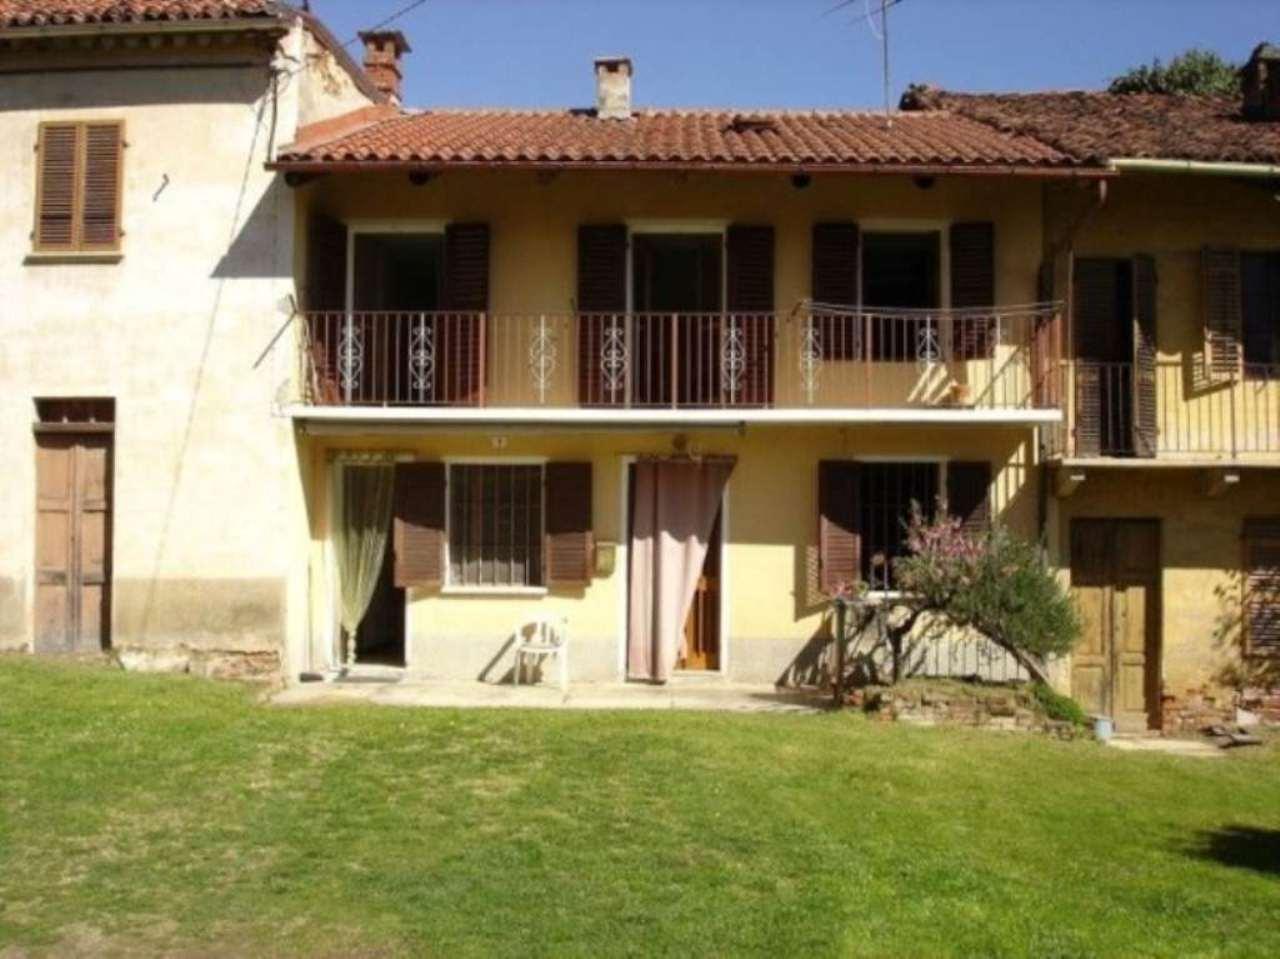 Rustico / Casale in vendita a Arignano, 4 locali, prezzo € 80.000 | Cambio Casa.it